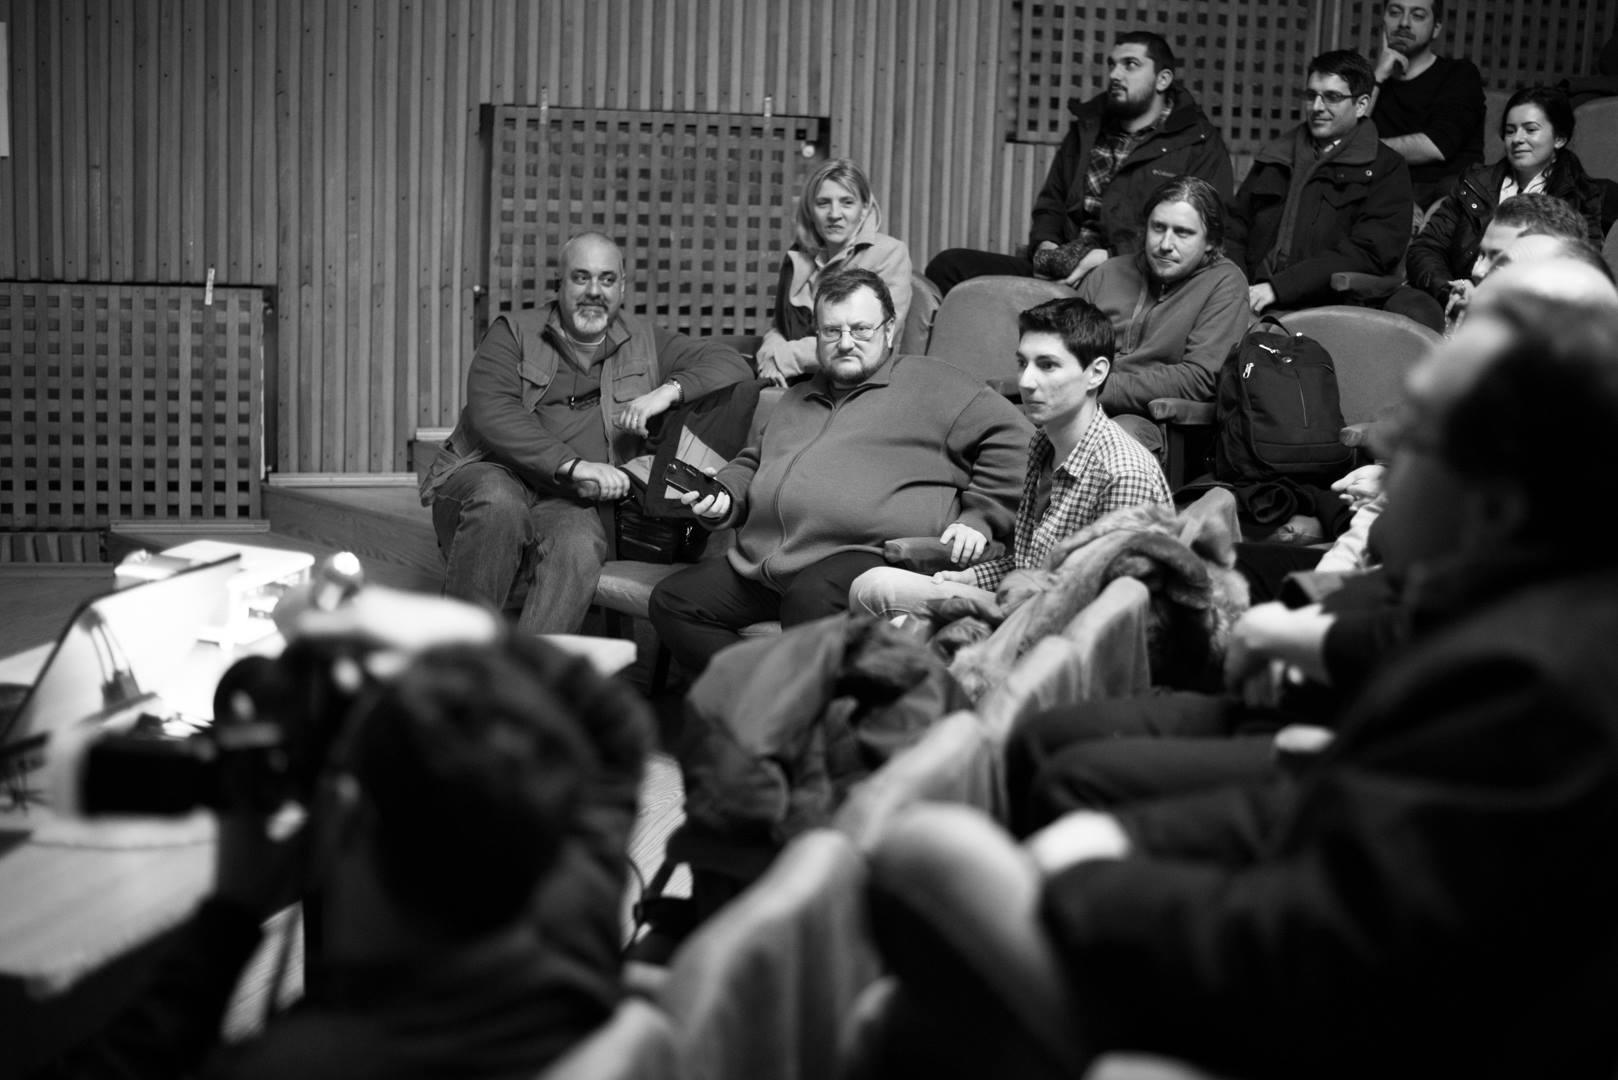 Expoziţie de fotografie Printre popi şi doamne - organizator Clubul Fotografilor Iasi Paul Padurariu cadru Mihail Urscahe Copou